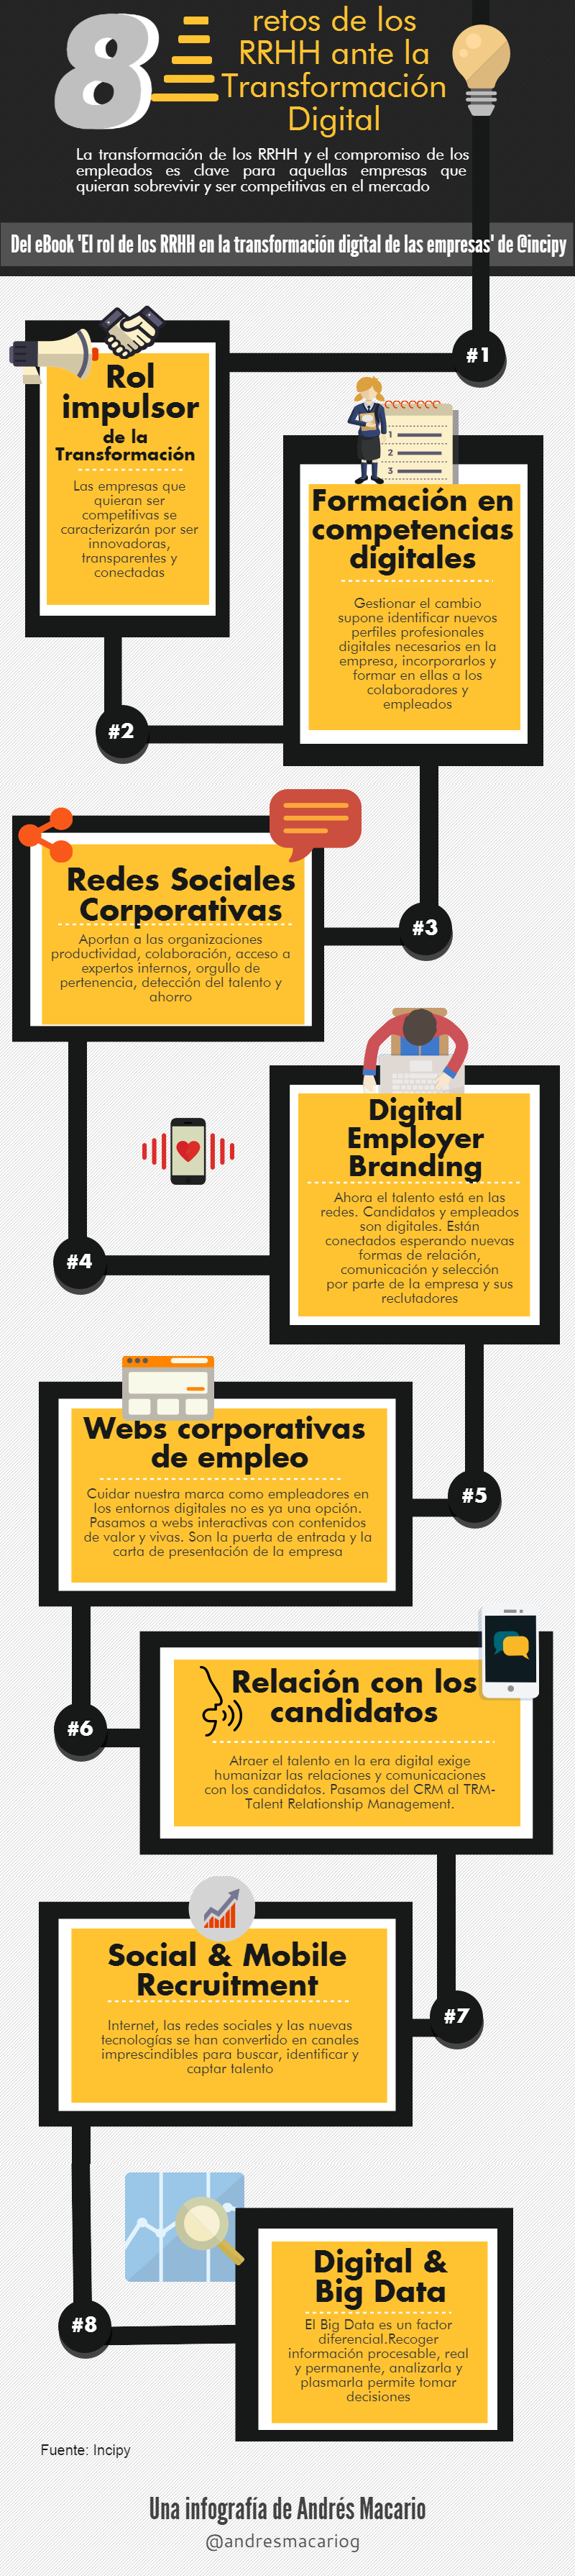 8 retos de RRHH ante la transformacion digital-Infografia Andres Macario